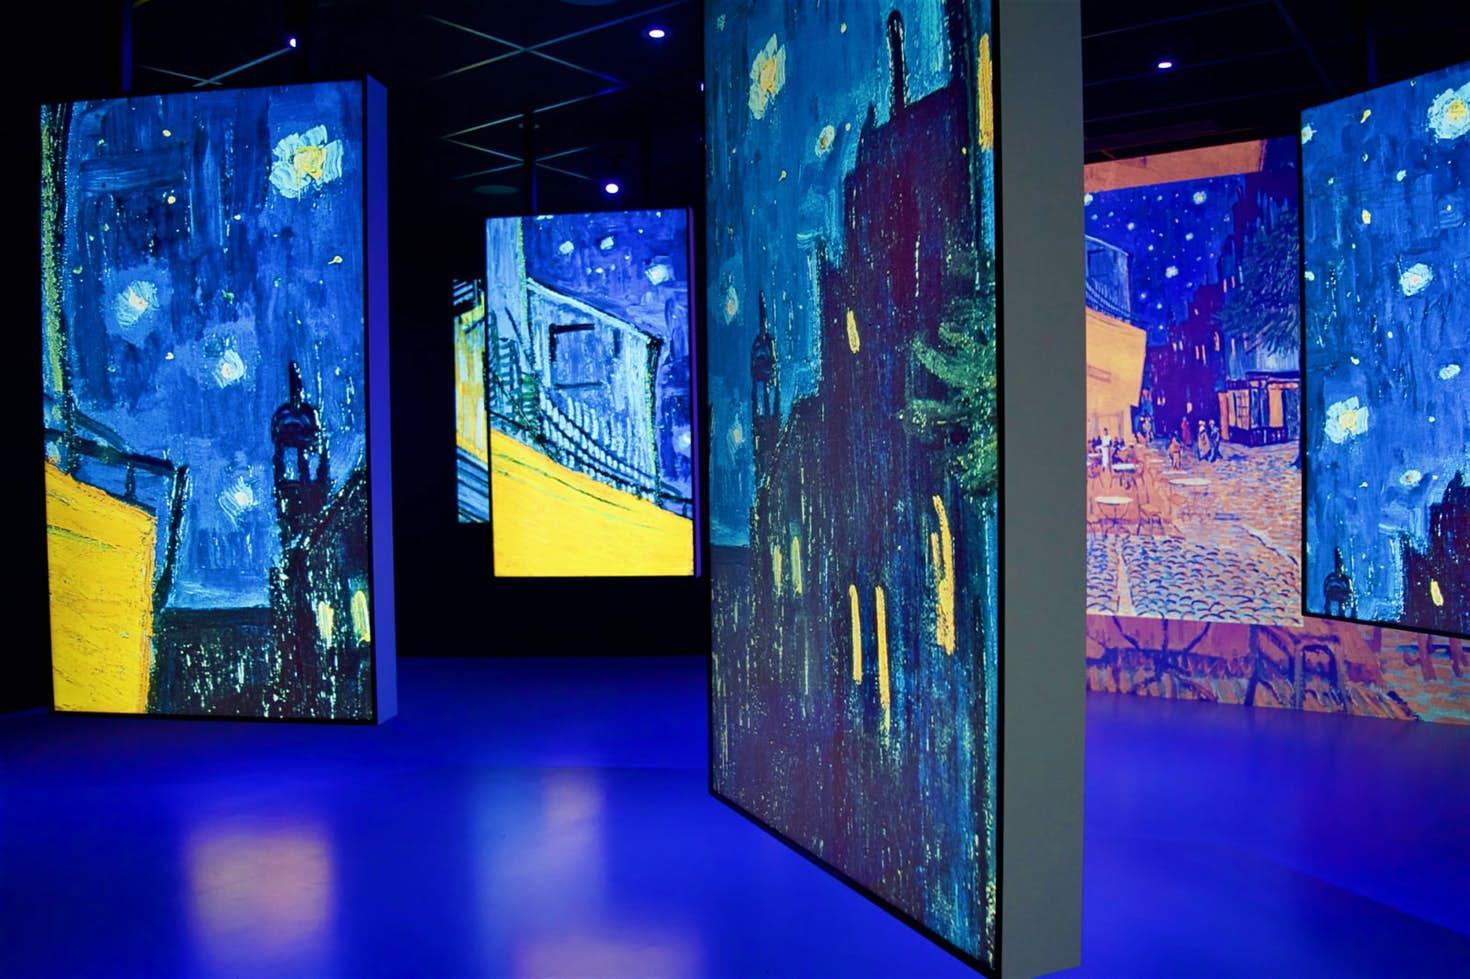 Van Gogh's final footsteps: a pilgrimage to Auvers-sur-Oise https://t.co/vkAaAxFLxW https://t.co/iUjk1eRiQJ